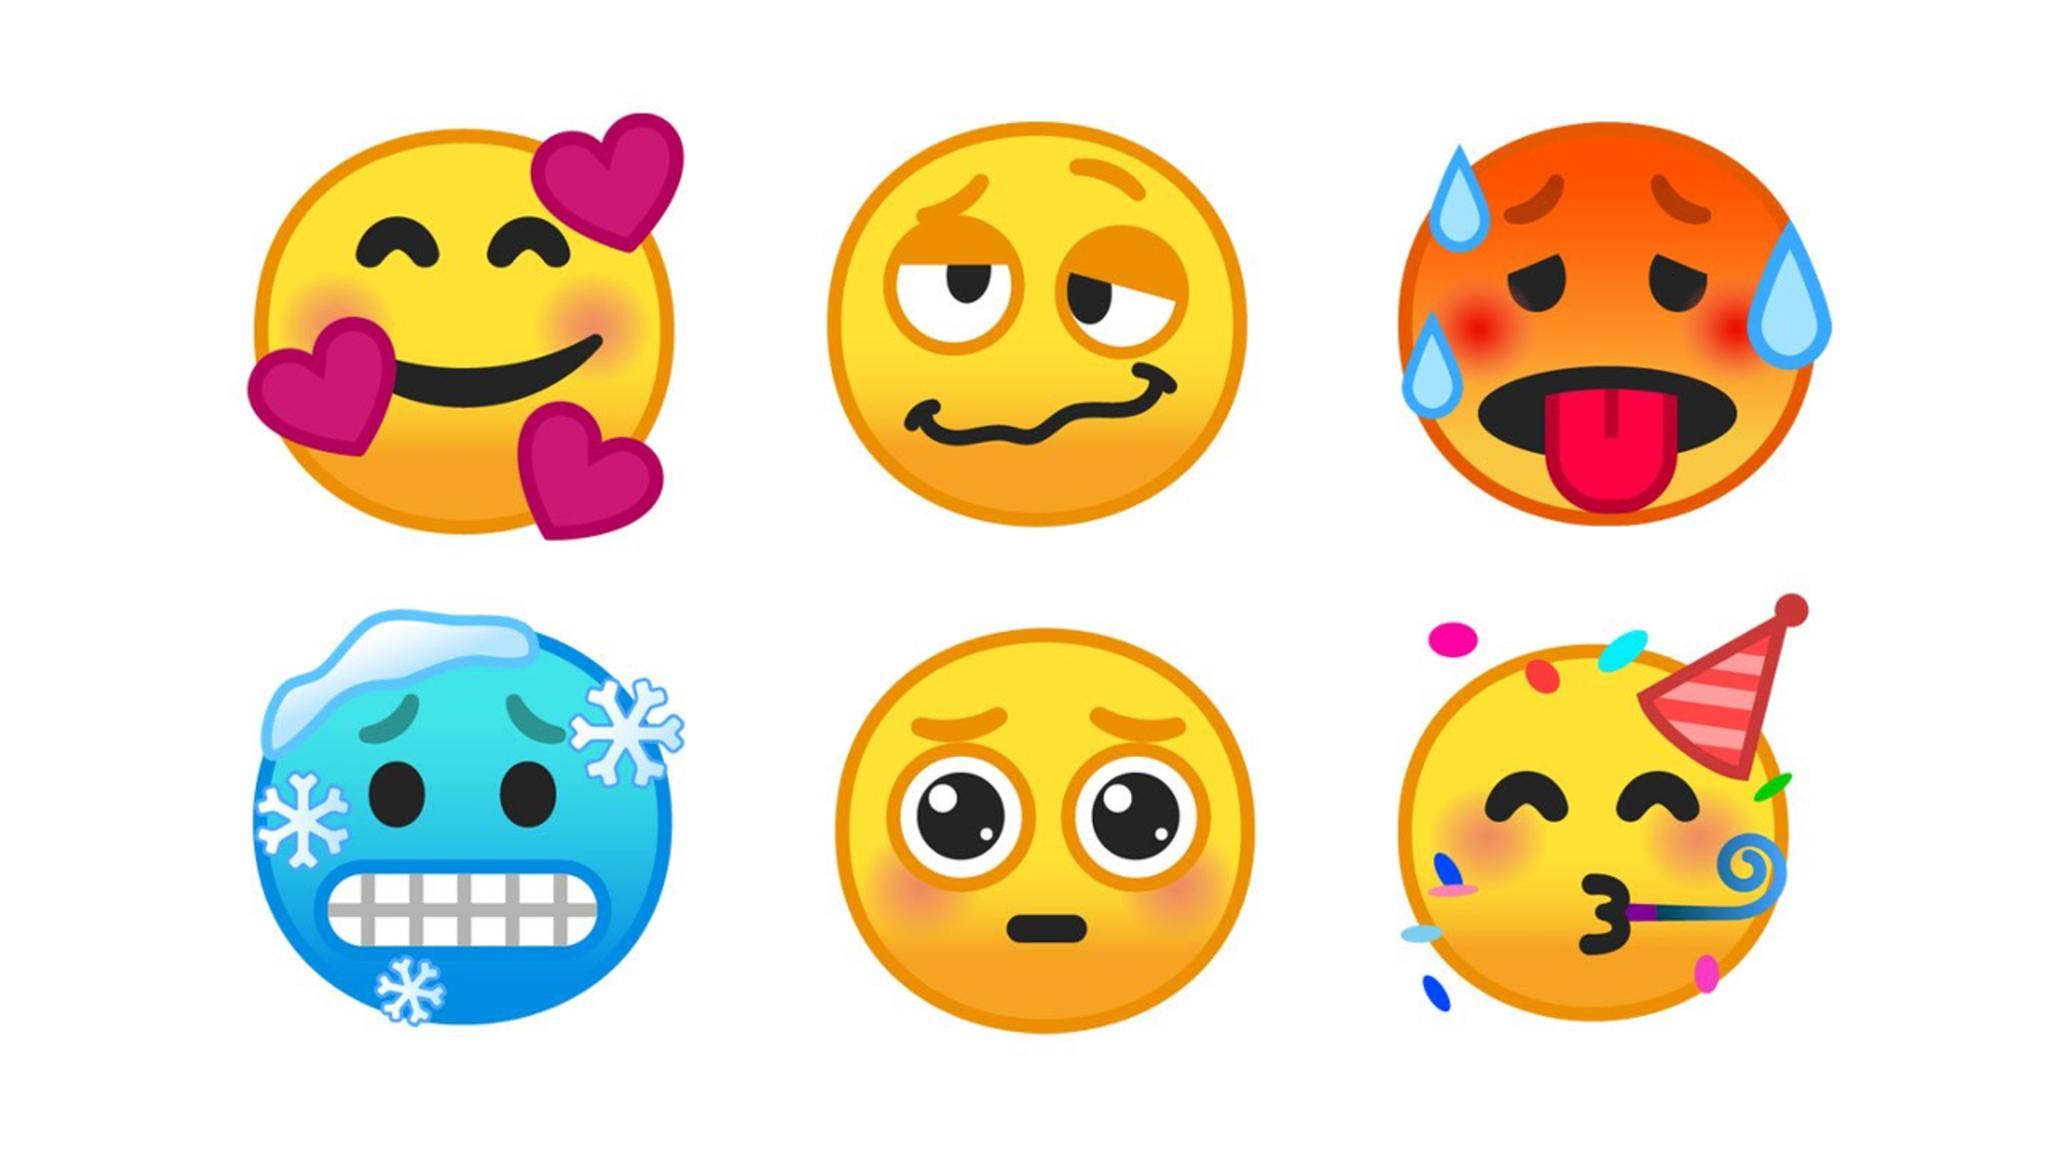 Diese Emojis gehören zu den neuen Symbolen in Android Pie.